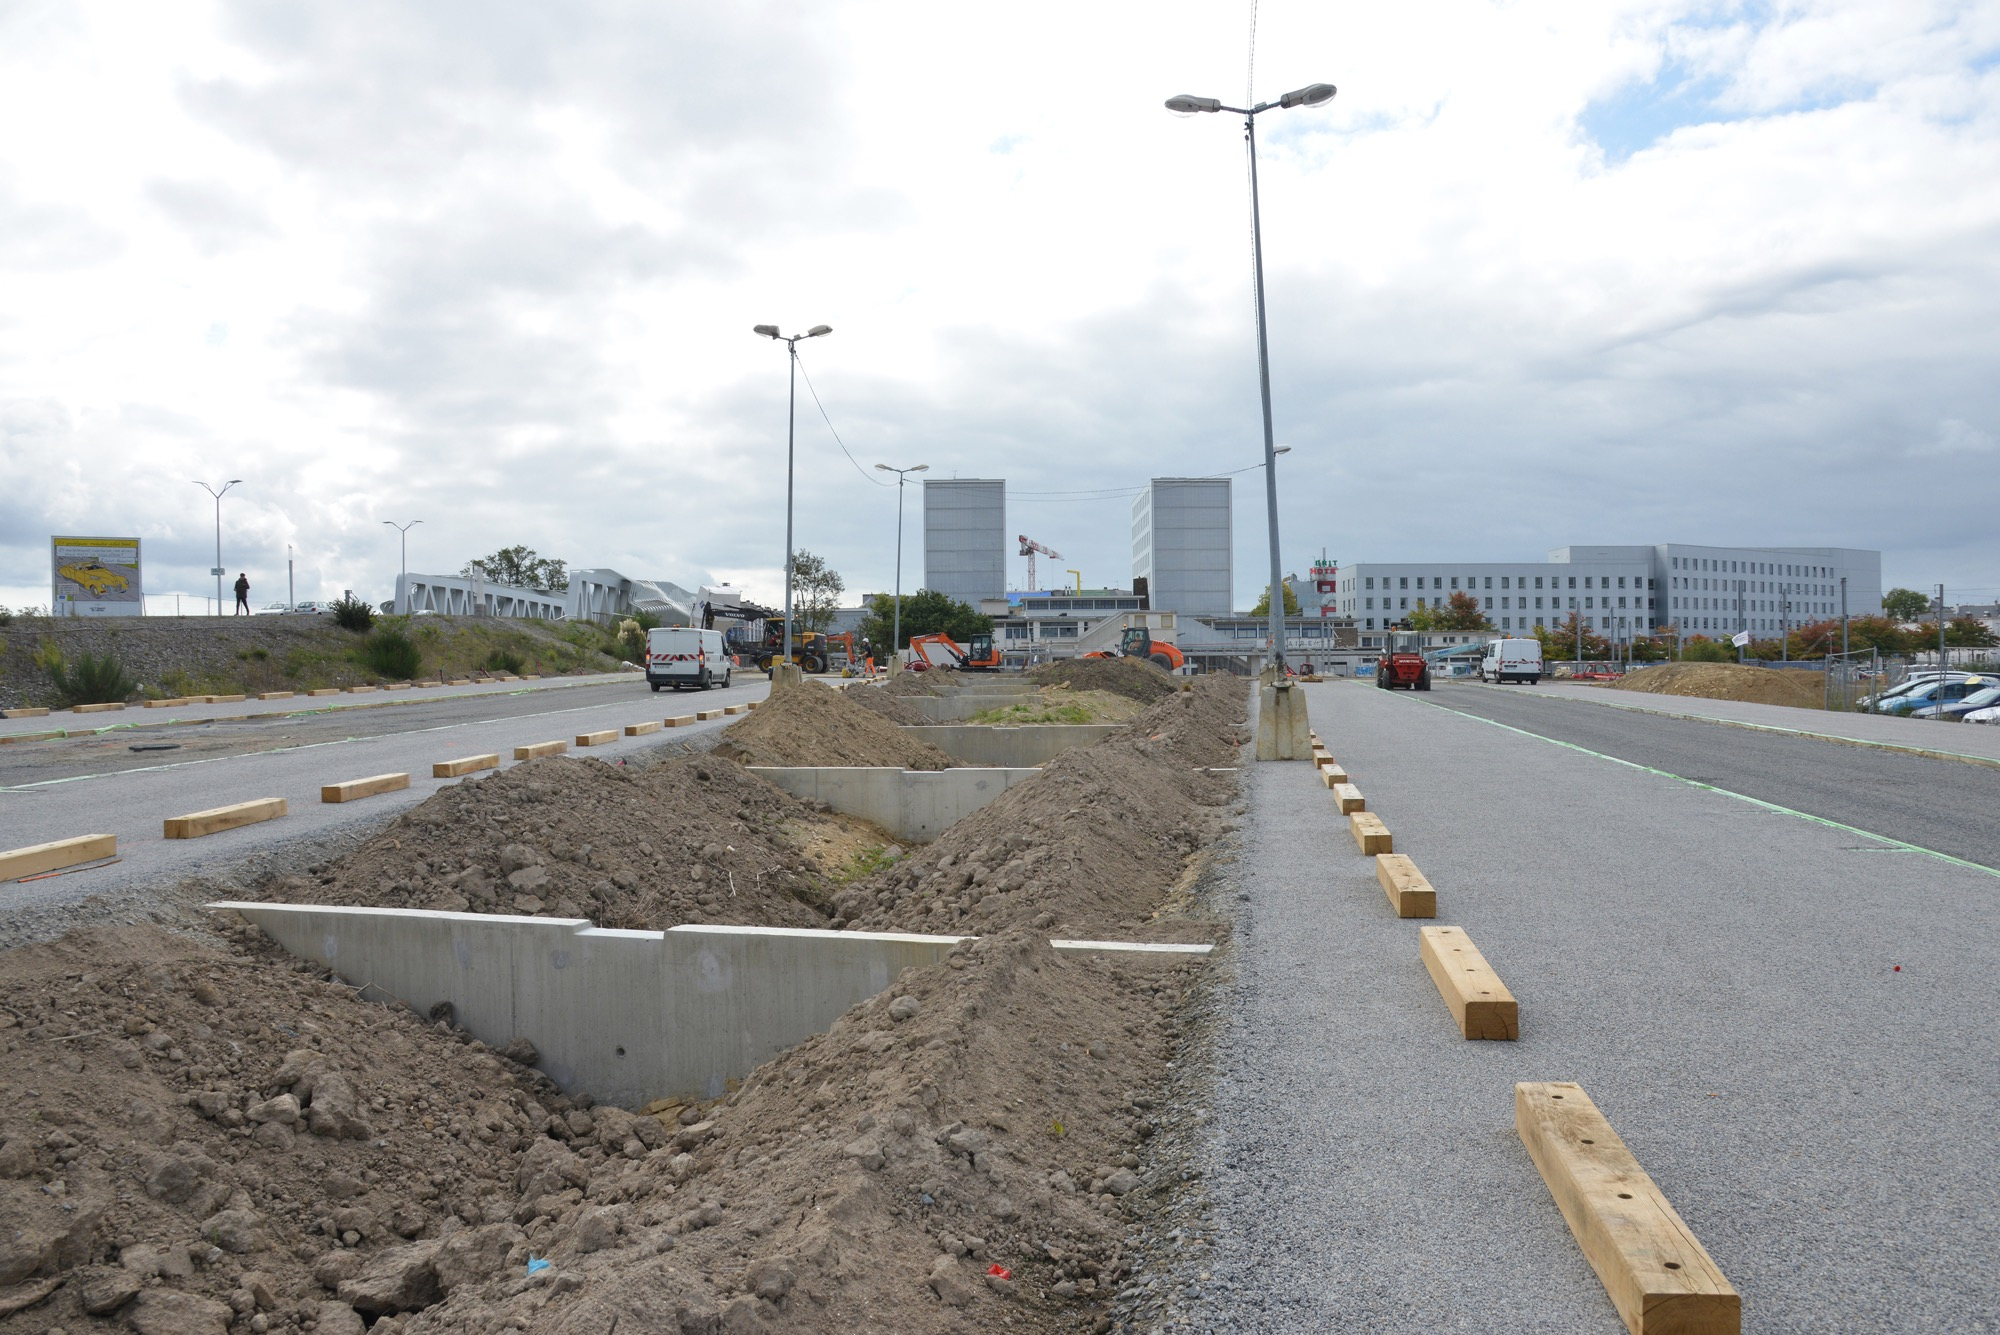 Une partie du parking nord de la gare est fermée pour permettre l'achèvement des travaux.